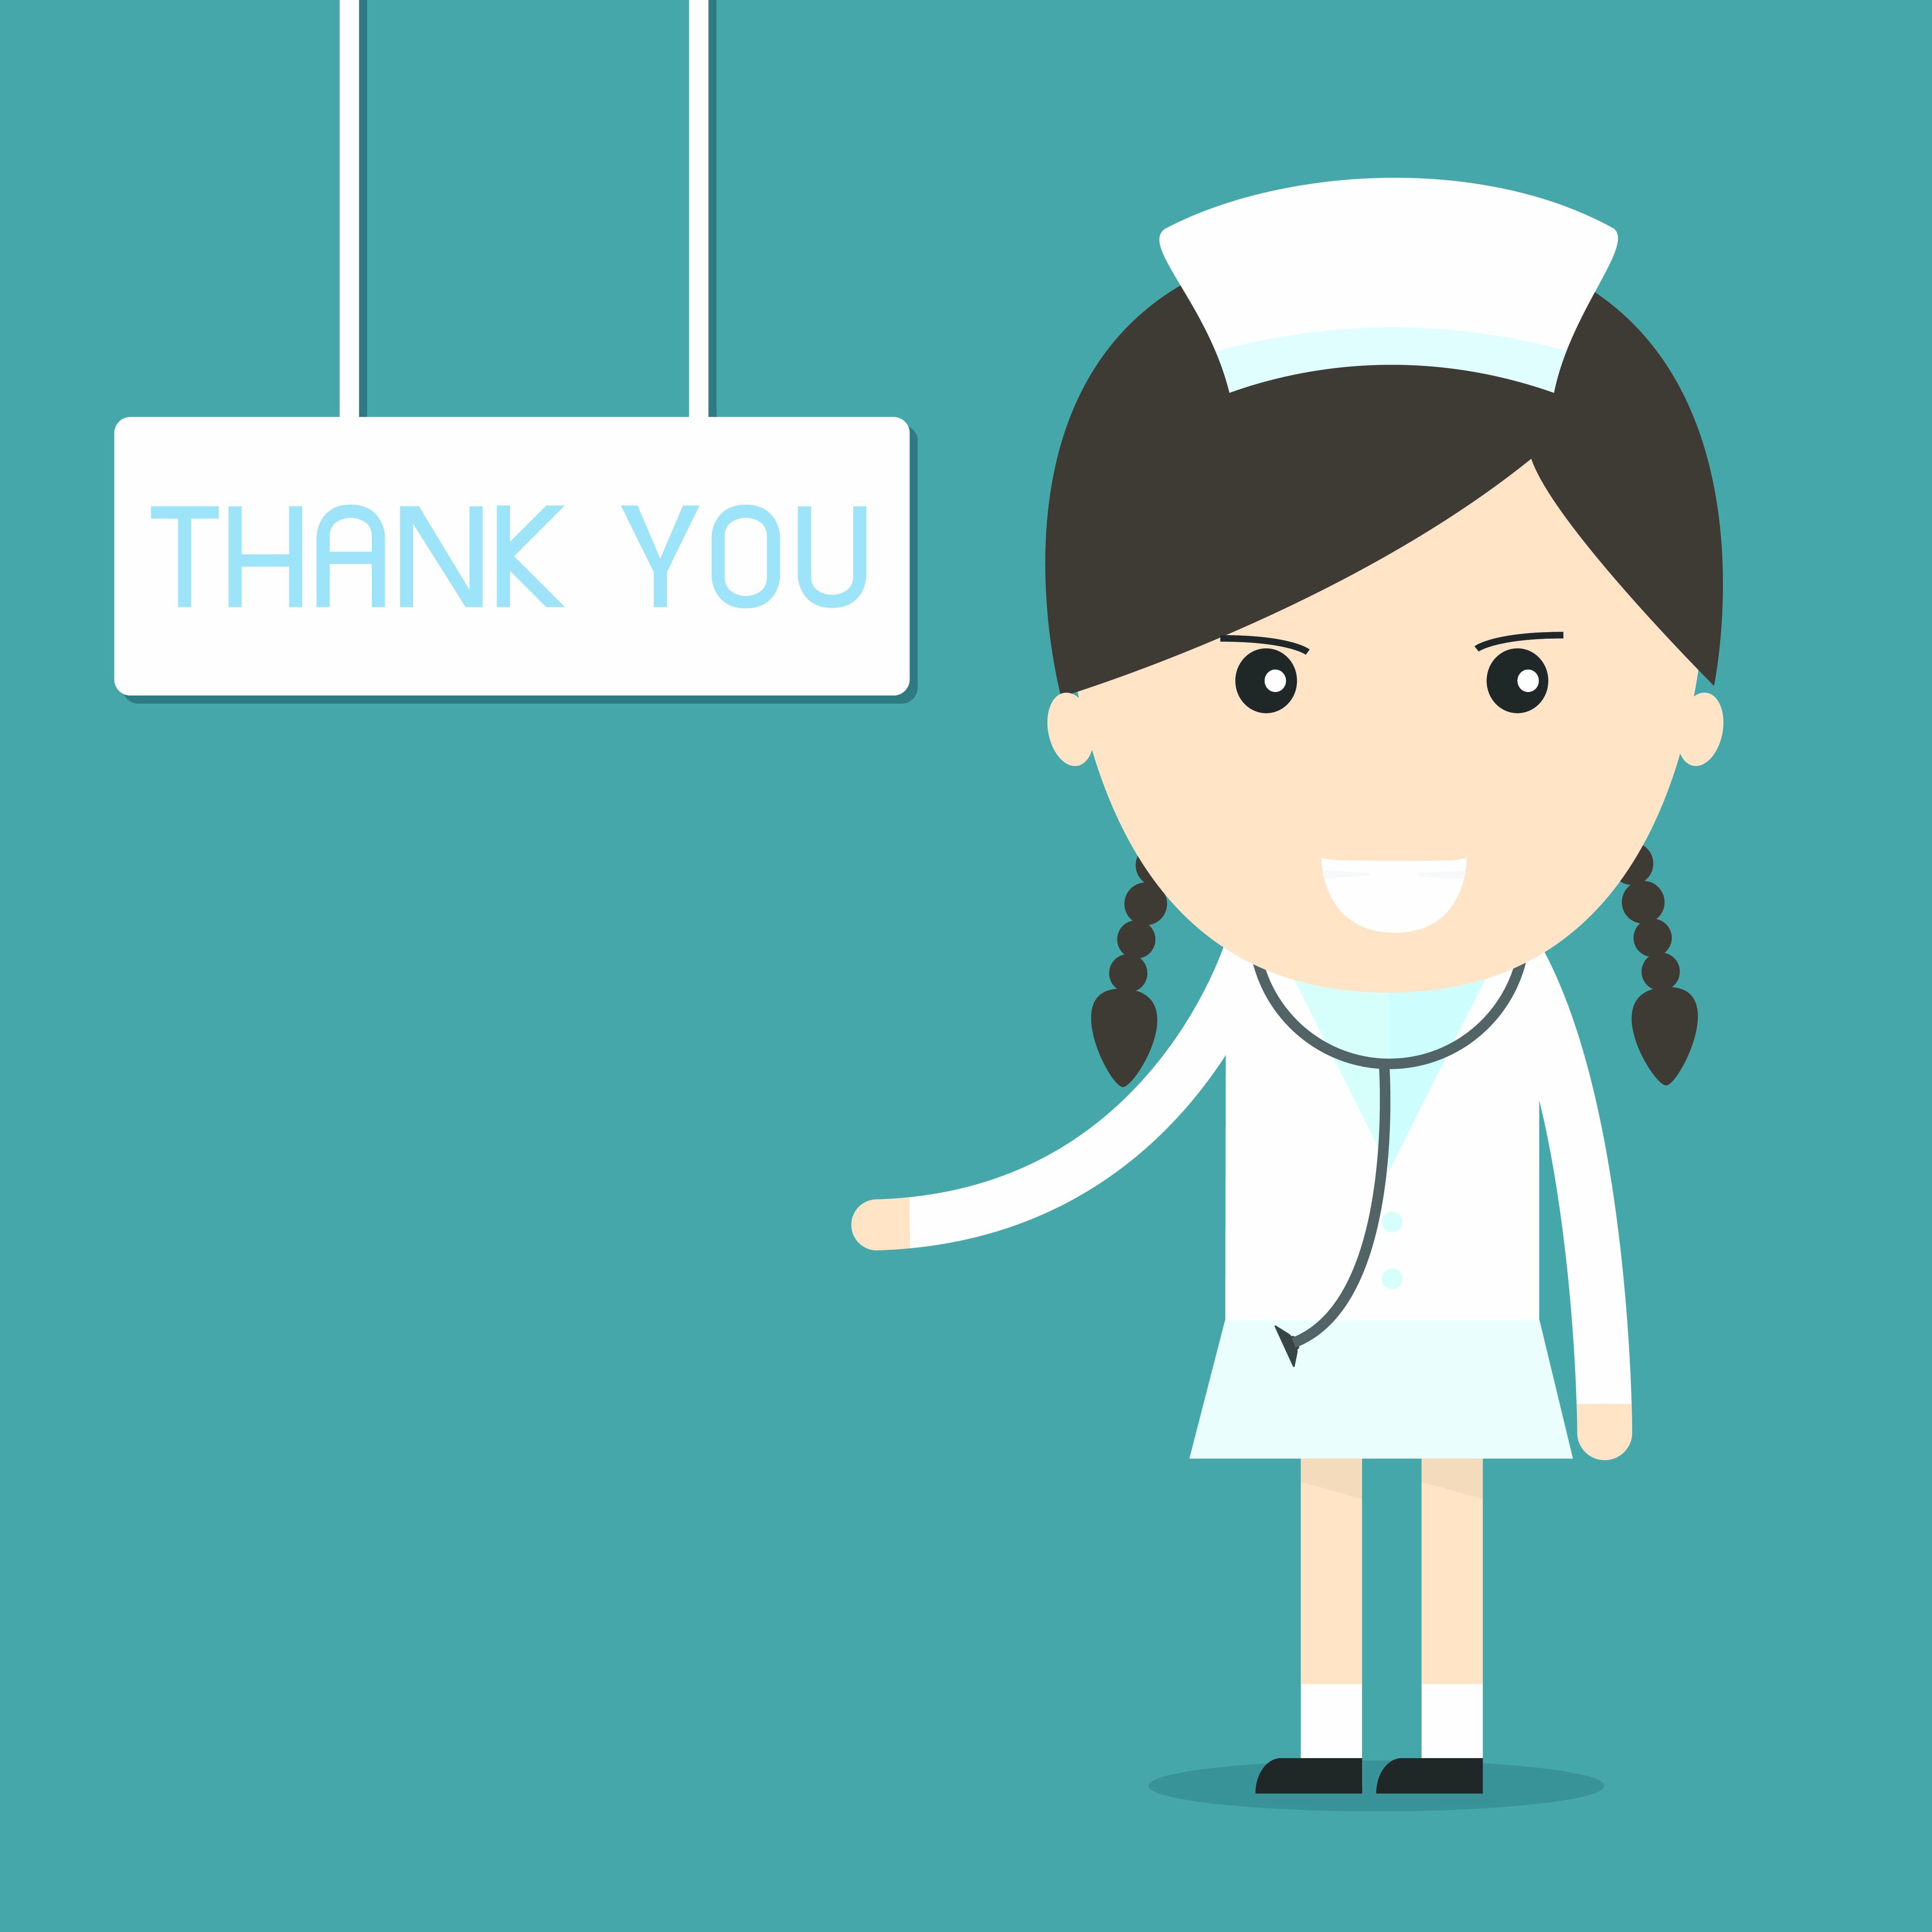 Thank you nurse.